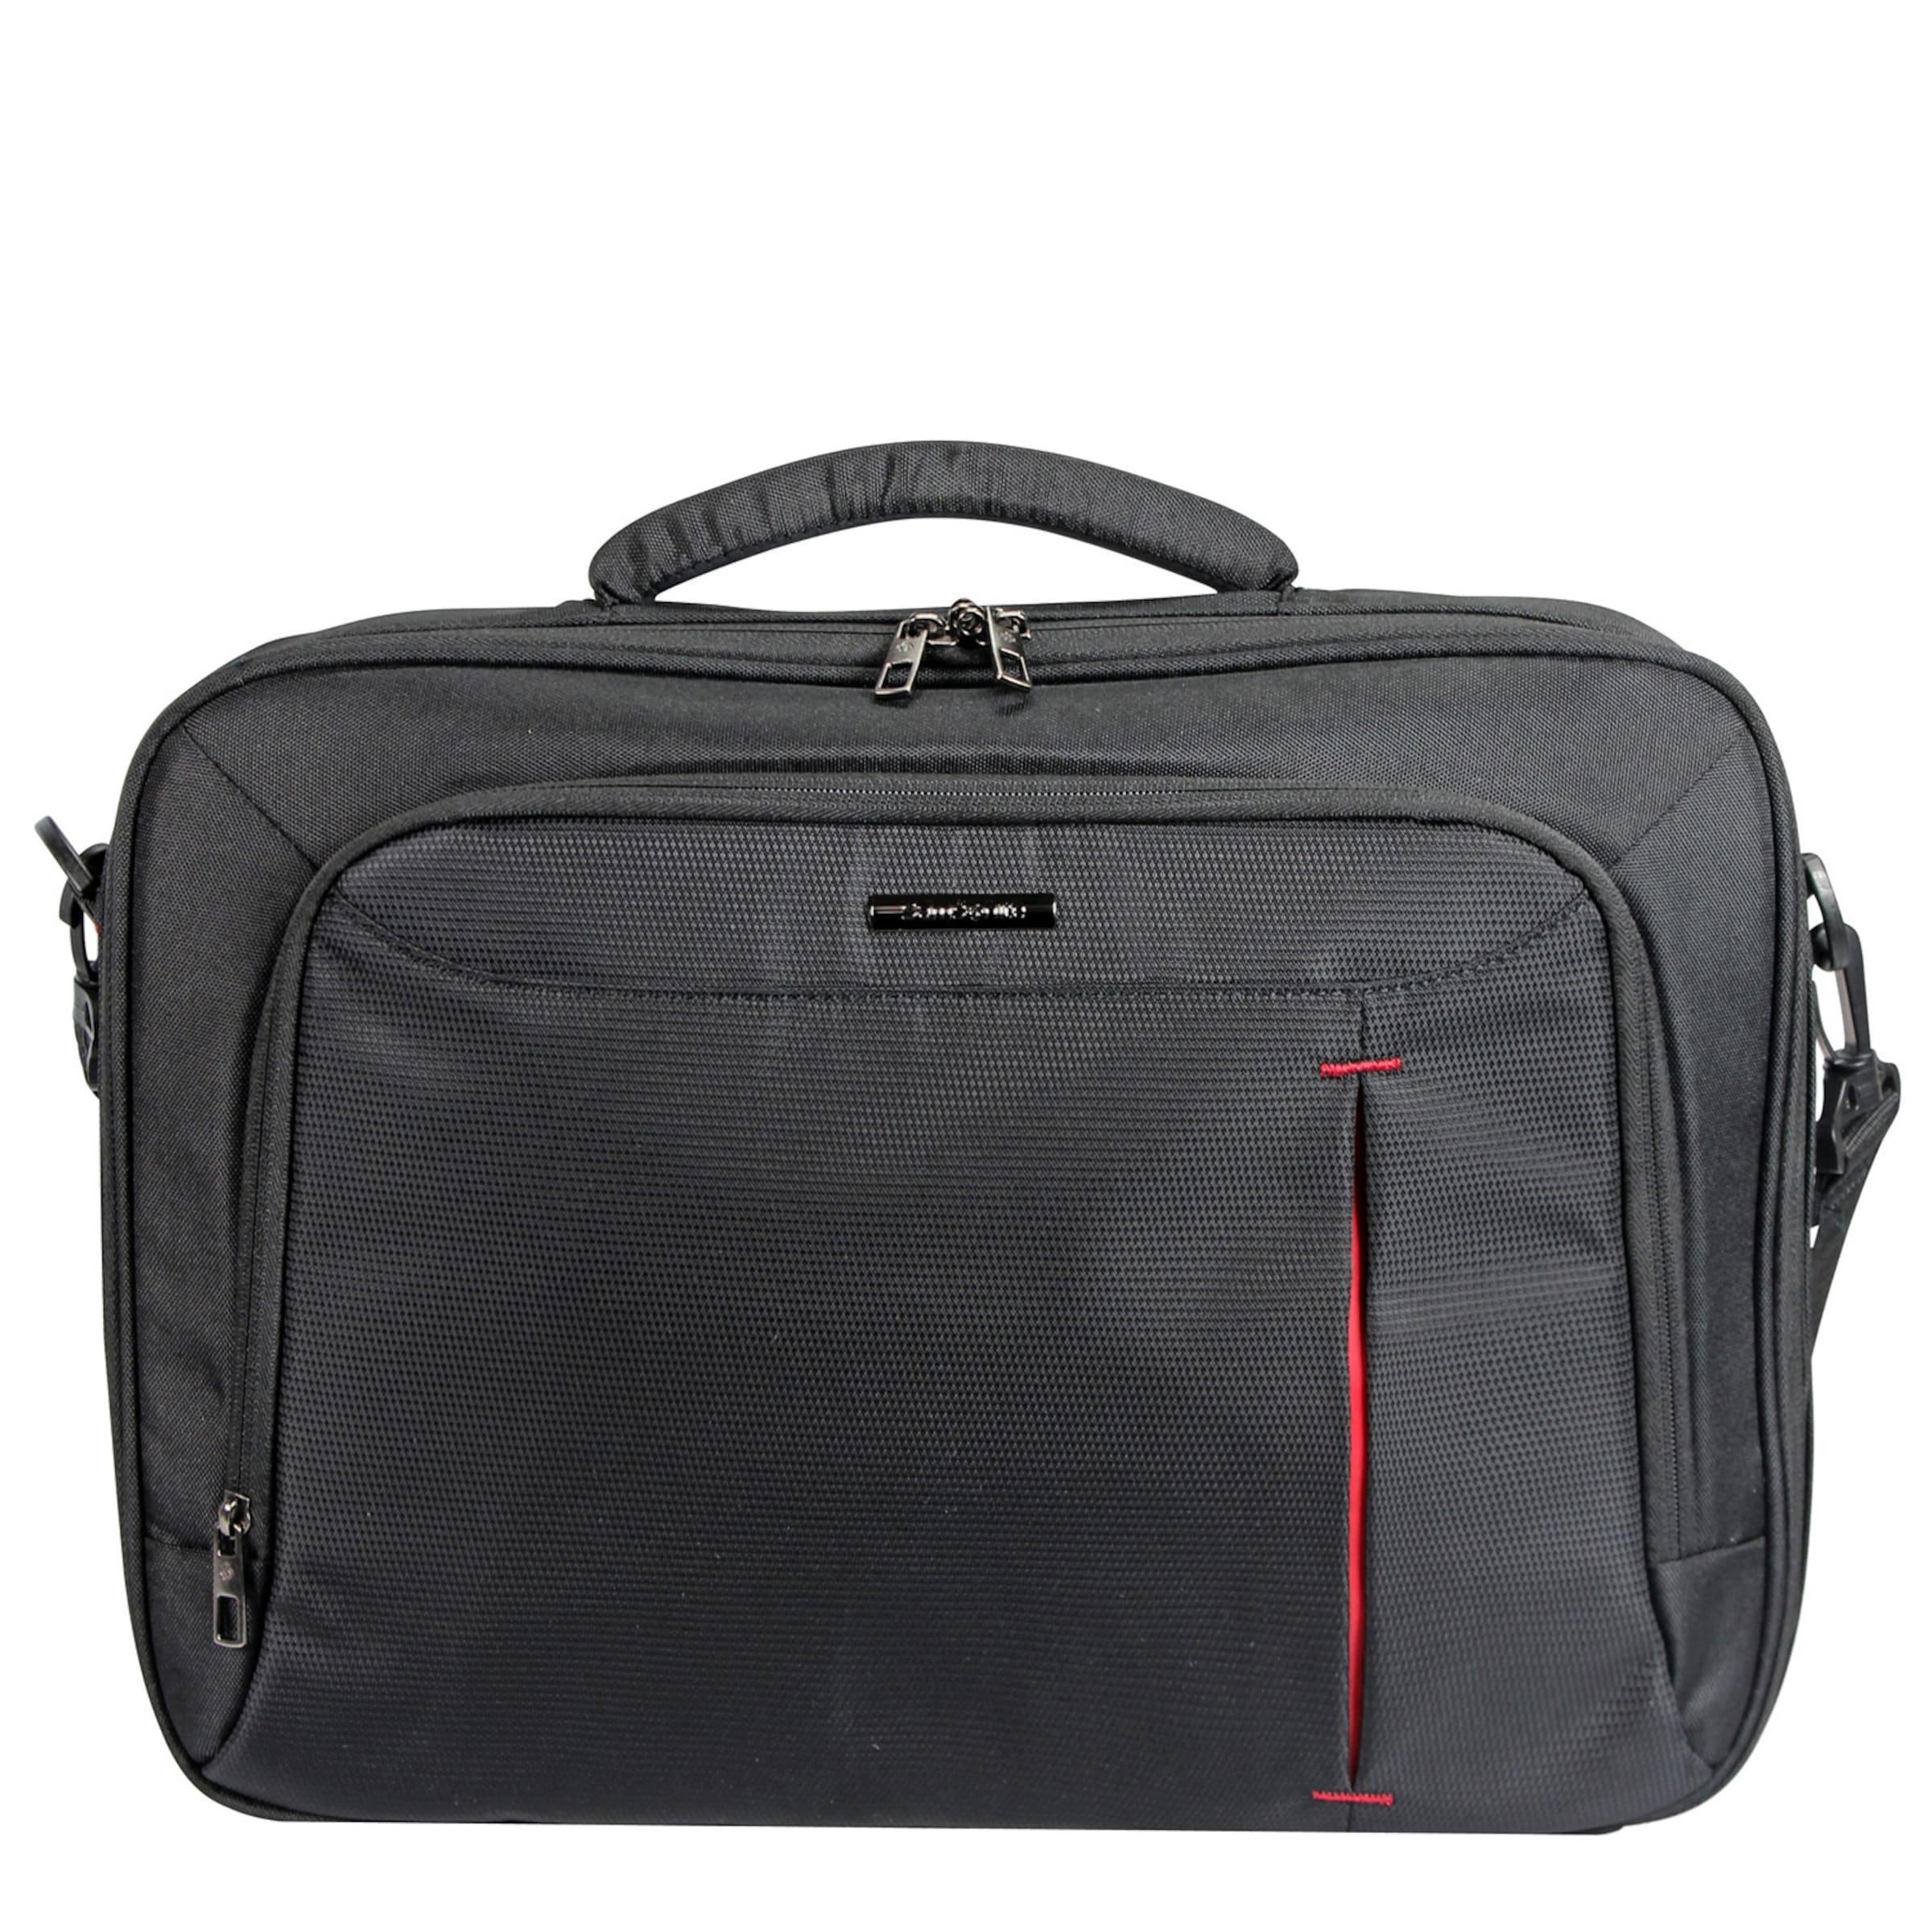 SAMSONITE Guardit Office Case Aktentasche 43 cm Laptopfach Günstige Manchester-Großer Verkauf fE6Qzu